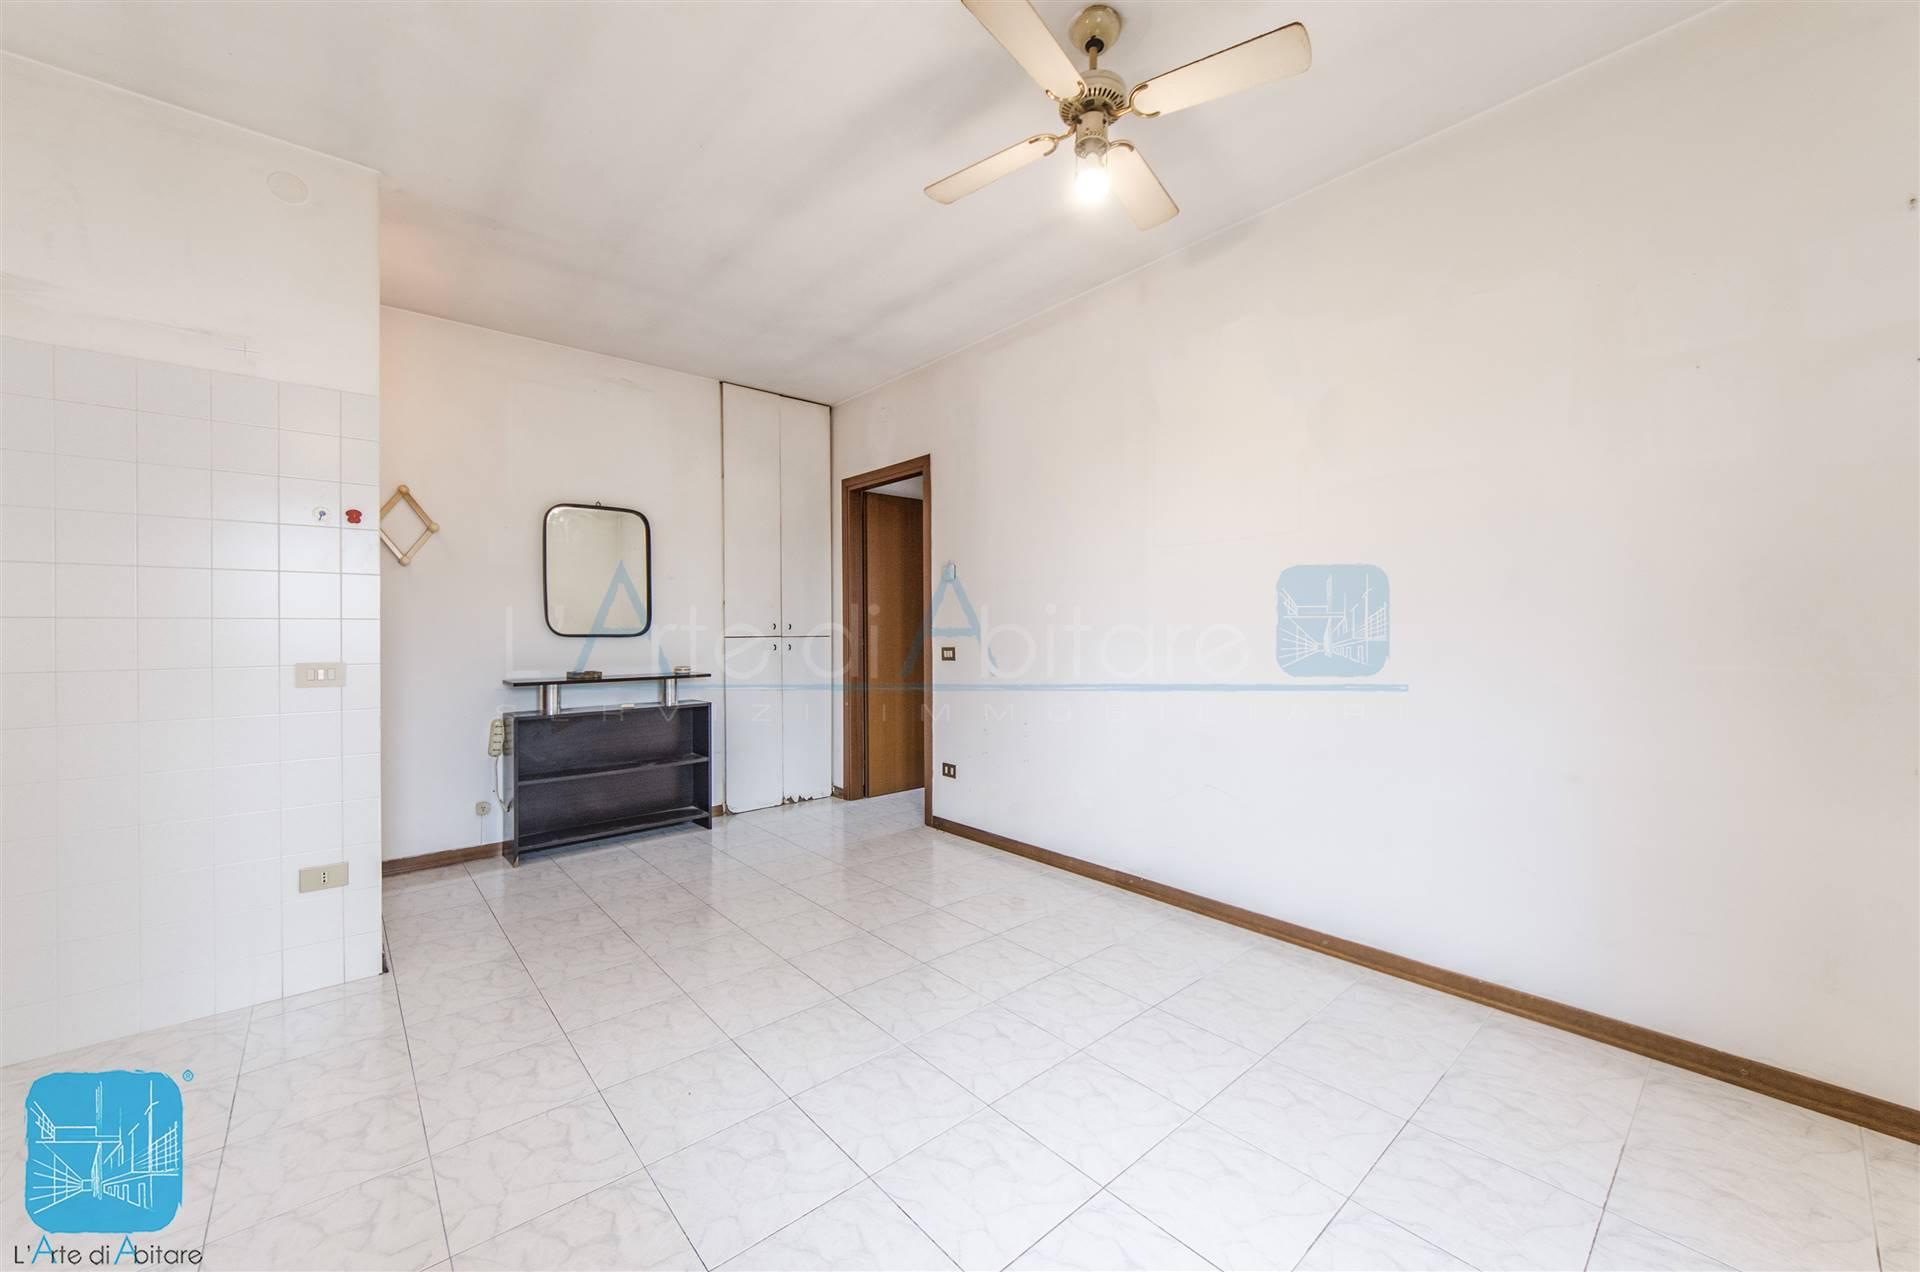 Appartamento in vendita a Santa Maria di Sala, 2 locali, zona Località: FRAZIONI: CALTANA, prezzo € 67.000   PortaleAgenzieImmobiliari.it